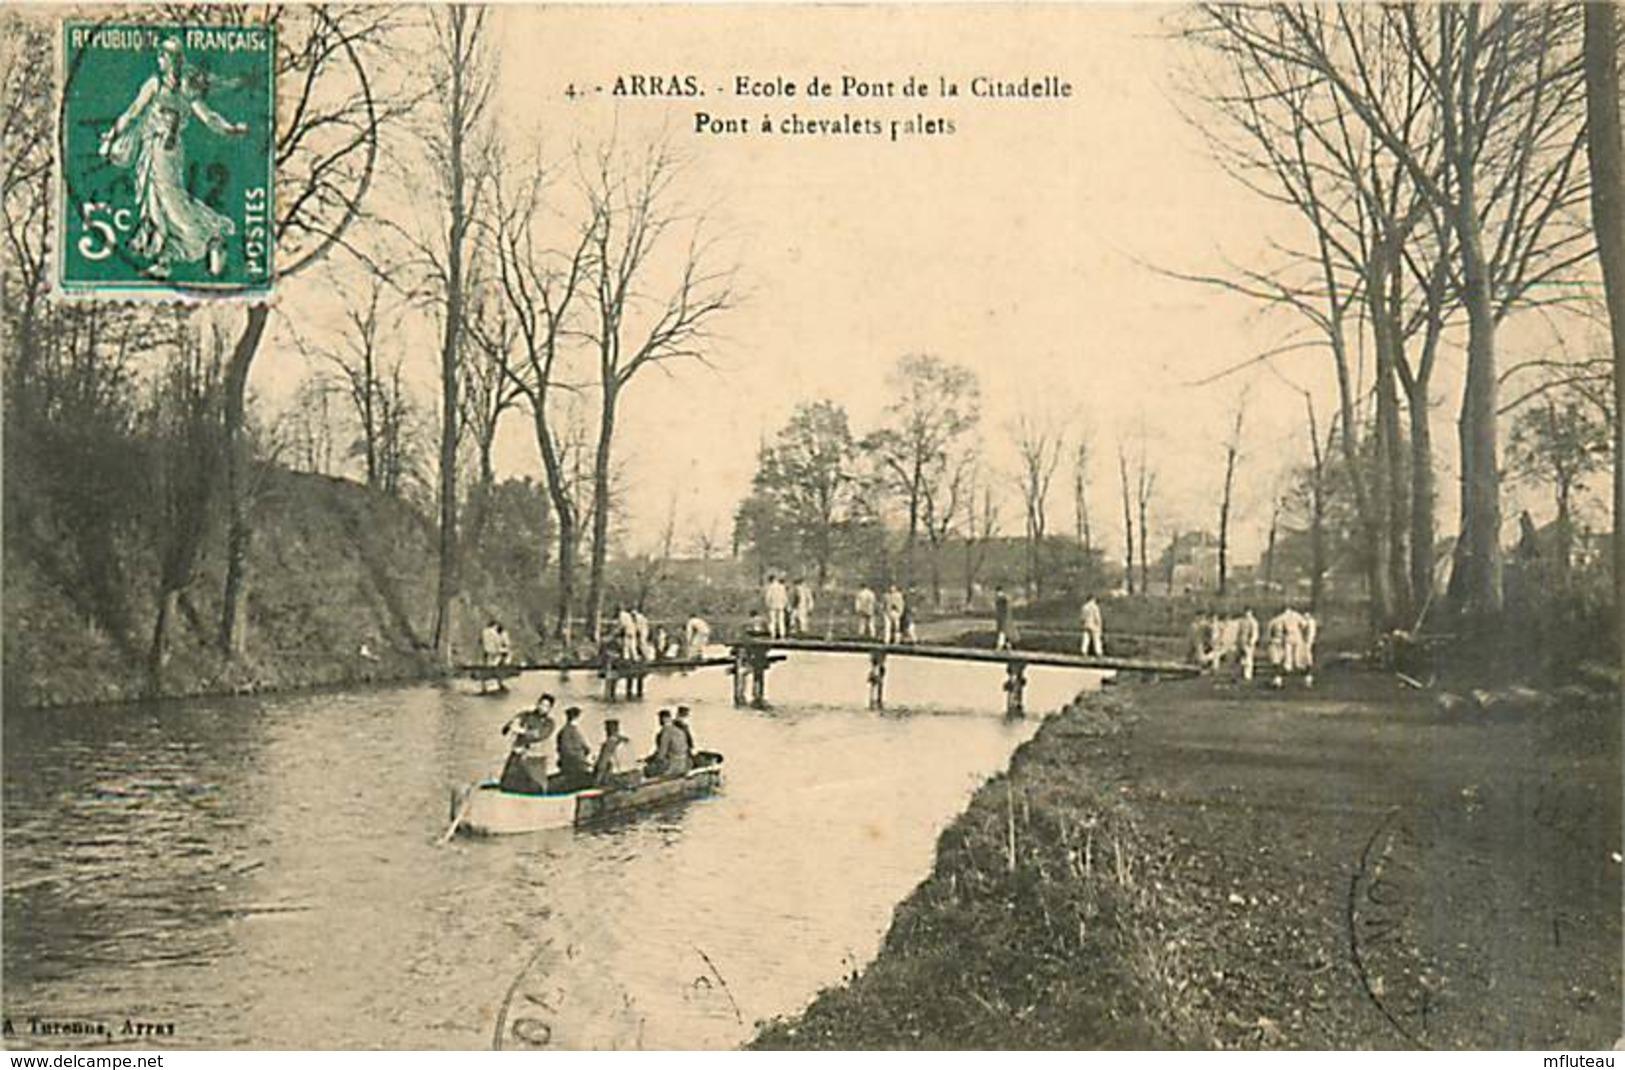 62* ARRAS Ecole Des Ponts  Genie – Pont A Chevalets              MA95,0201 - Arras